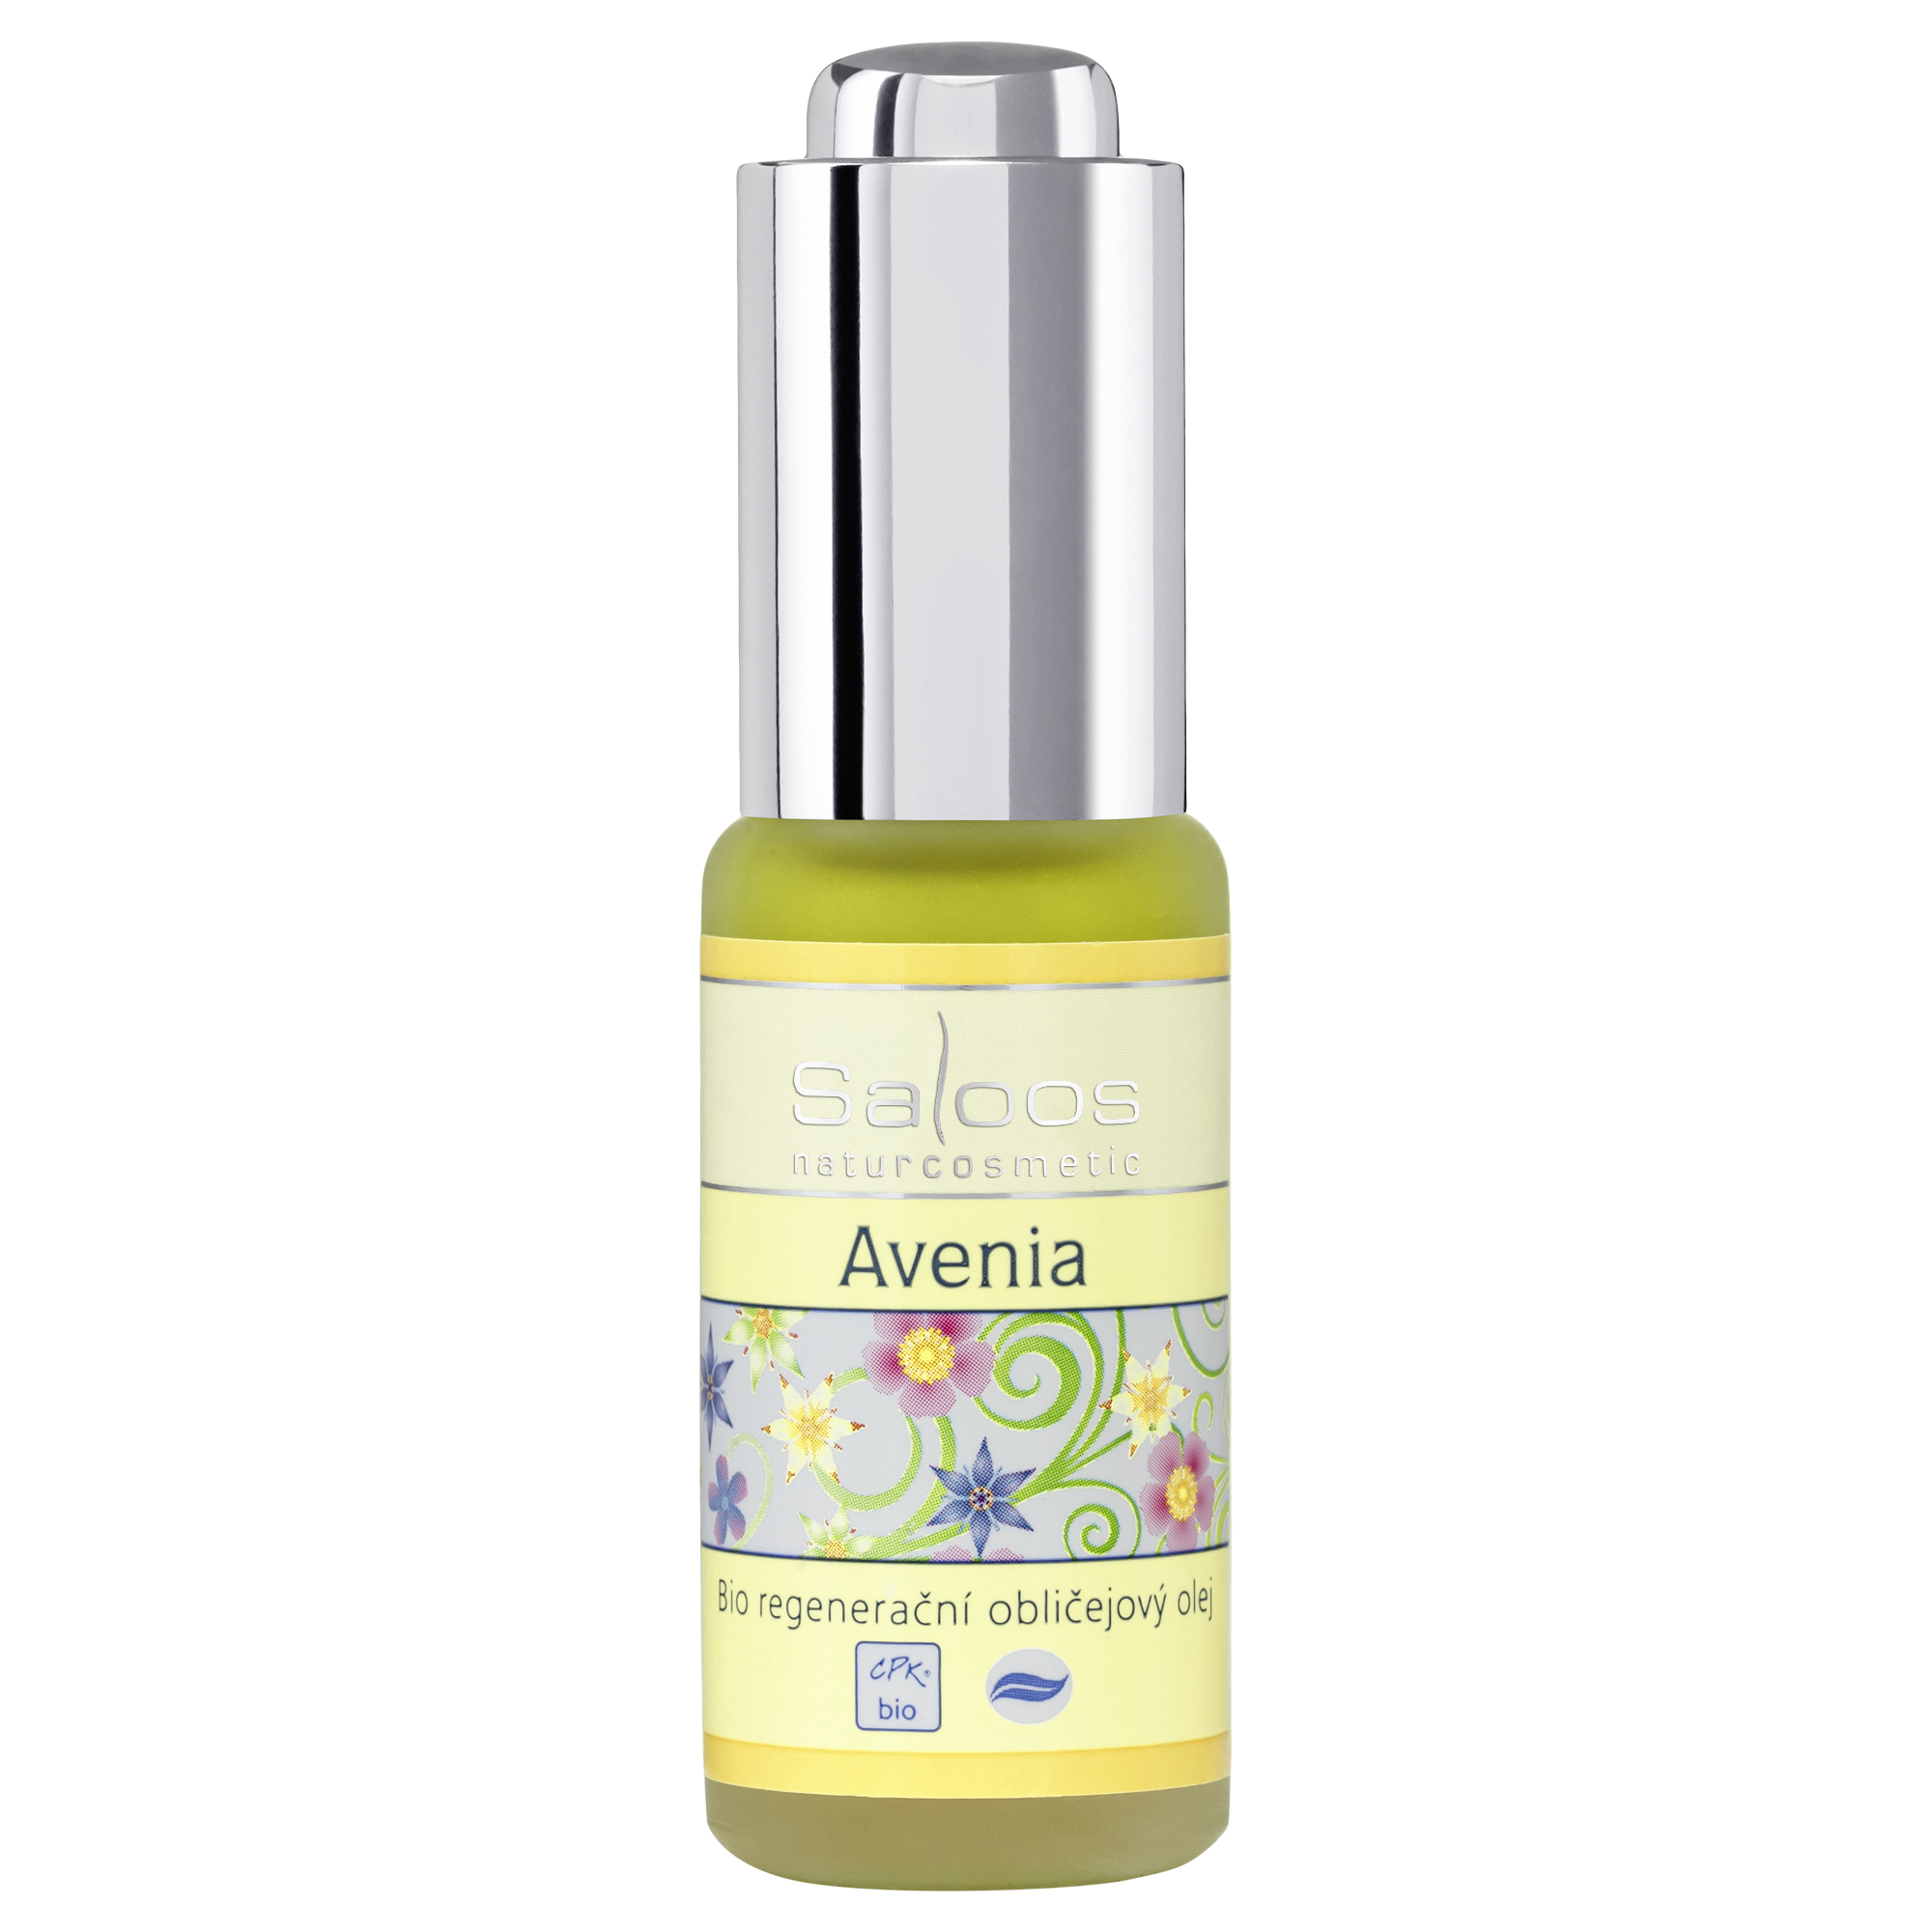 Regenerační obličejový olej AVENIA 20ml Saloos